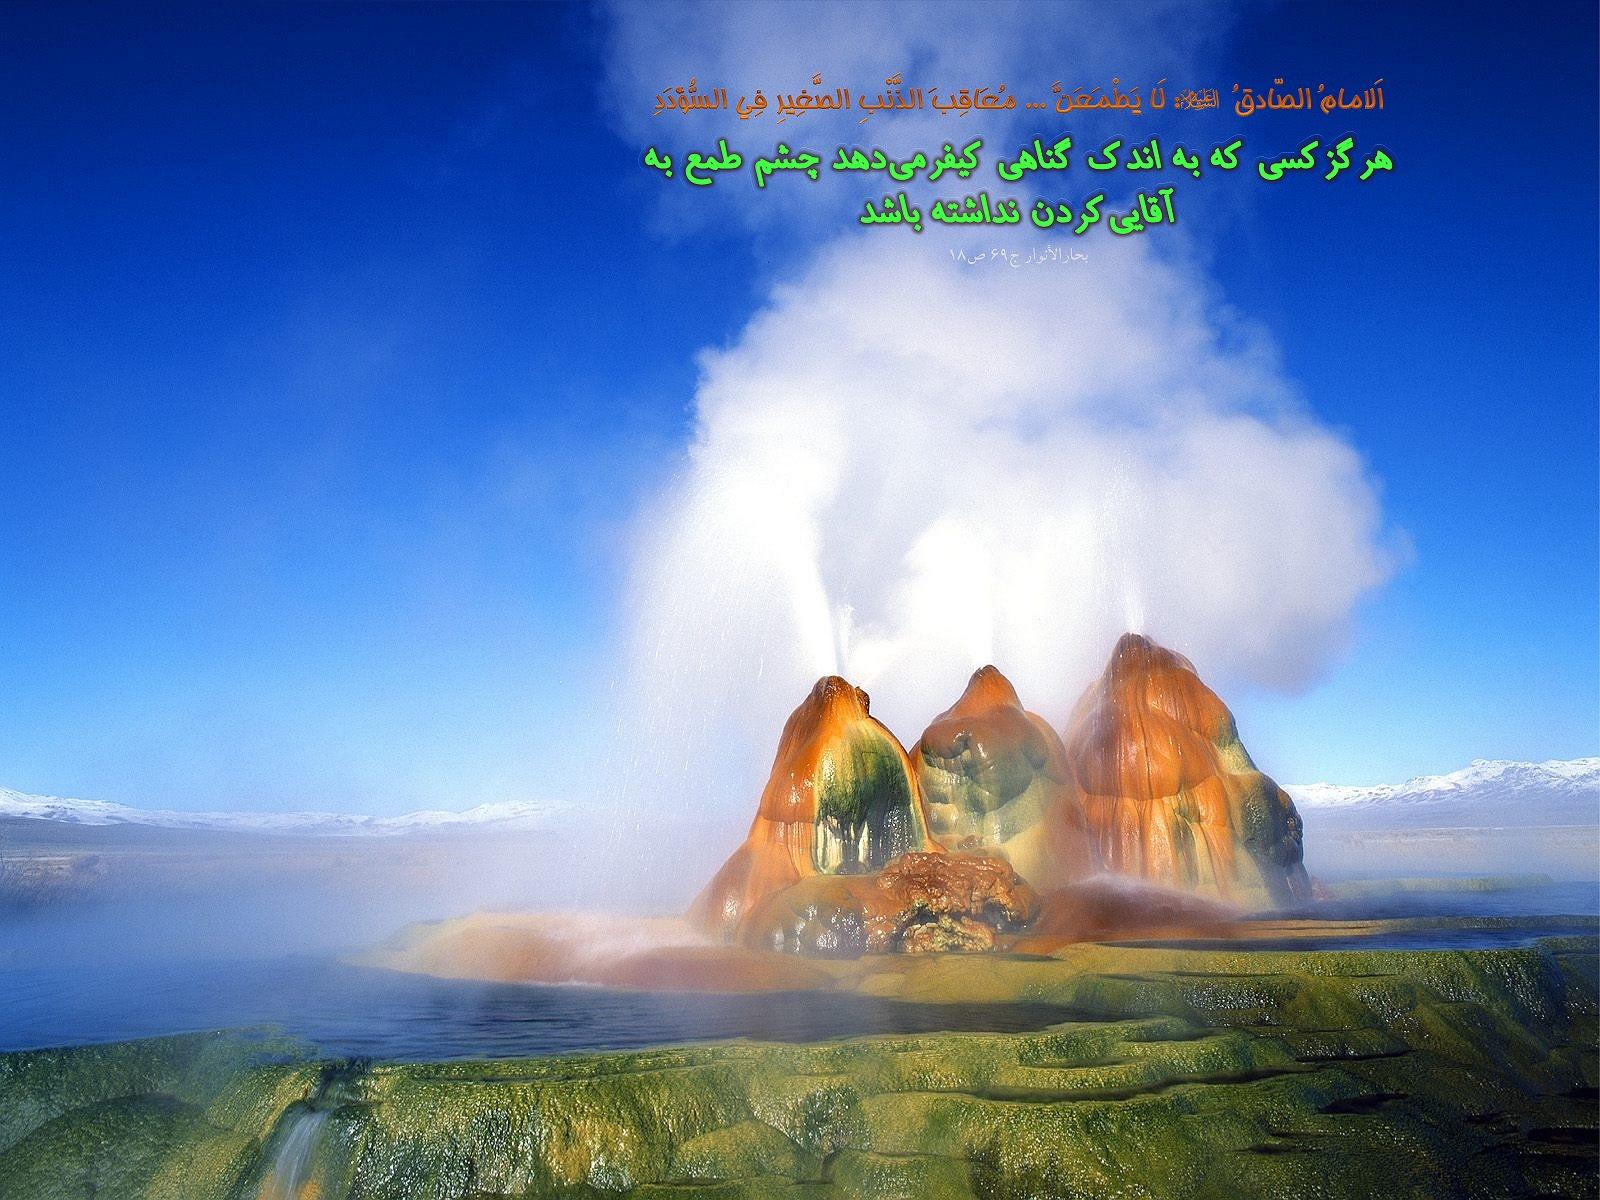 http://anti211.persiangig.com/hidith-tasviri/641Hadis%20H190.jpg